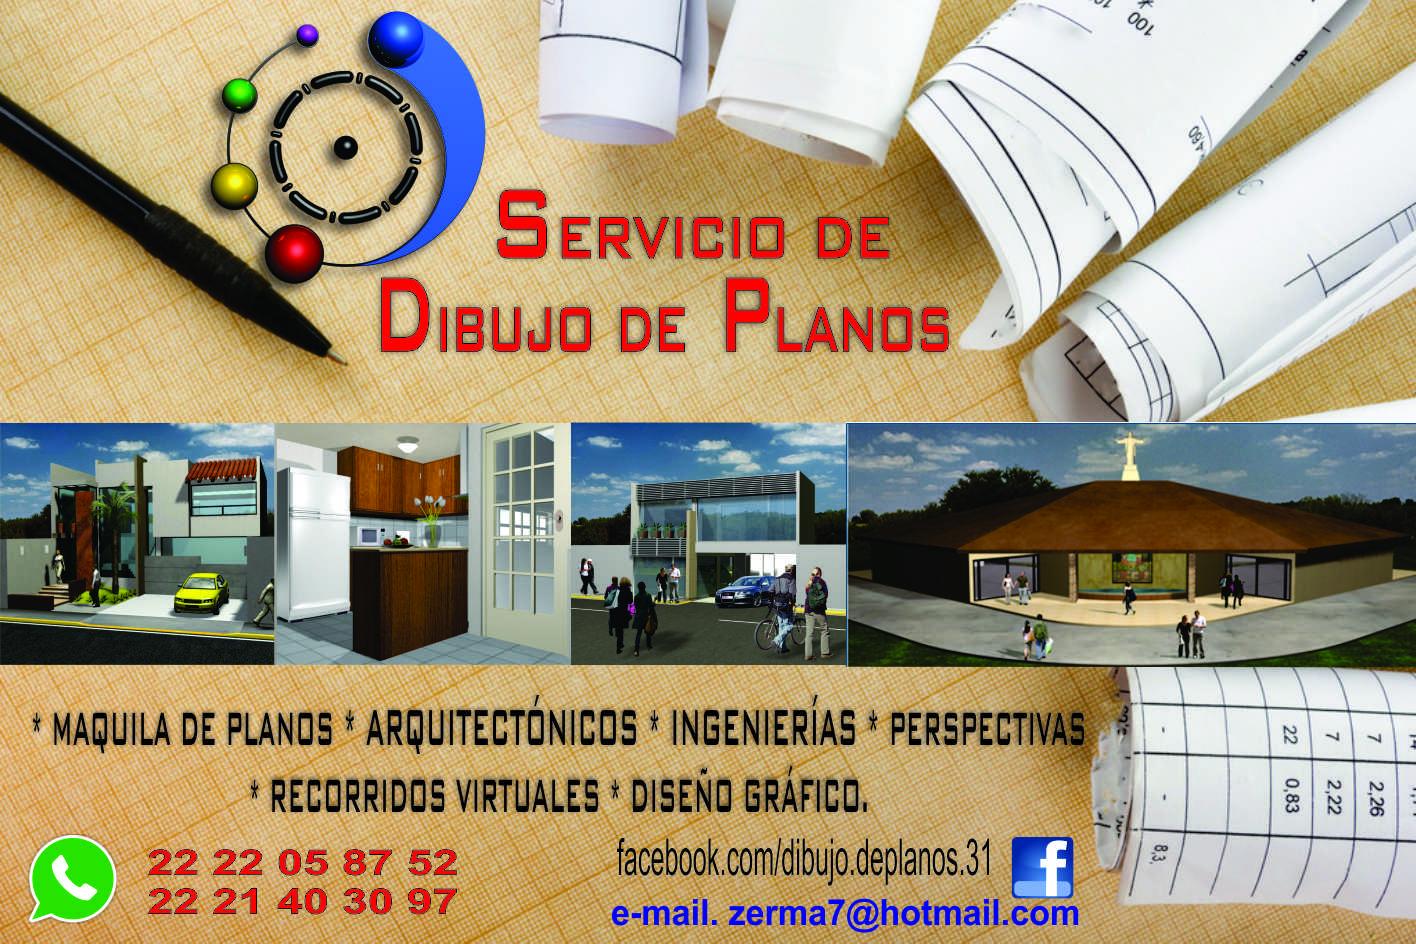 SERVICIO DE DIBUJO DE PLANOS EN PUEBLA